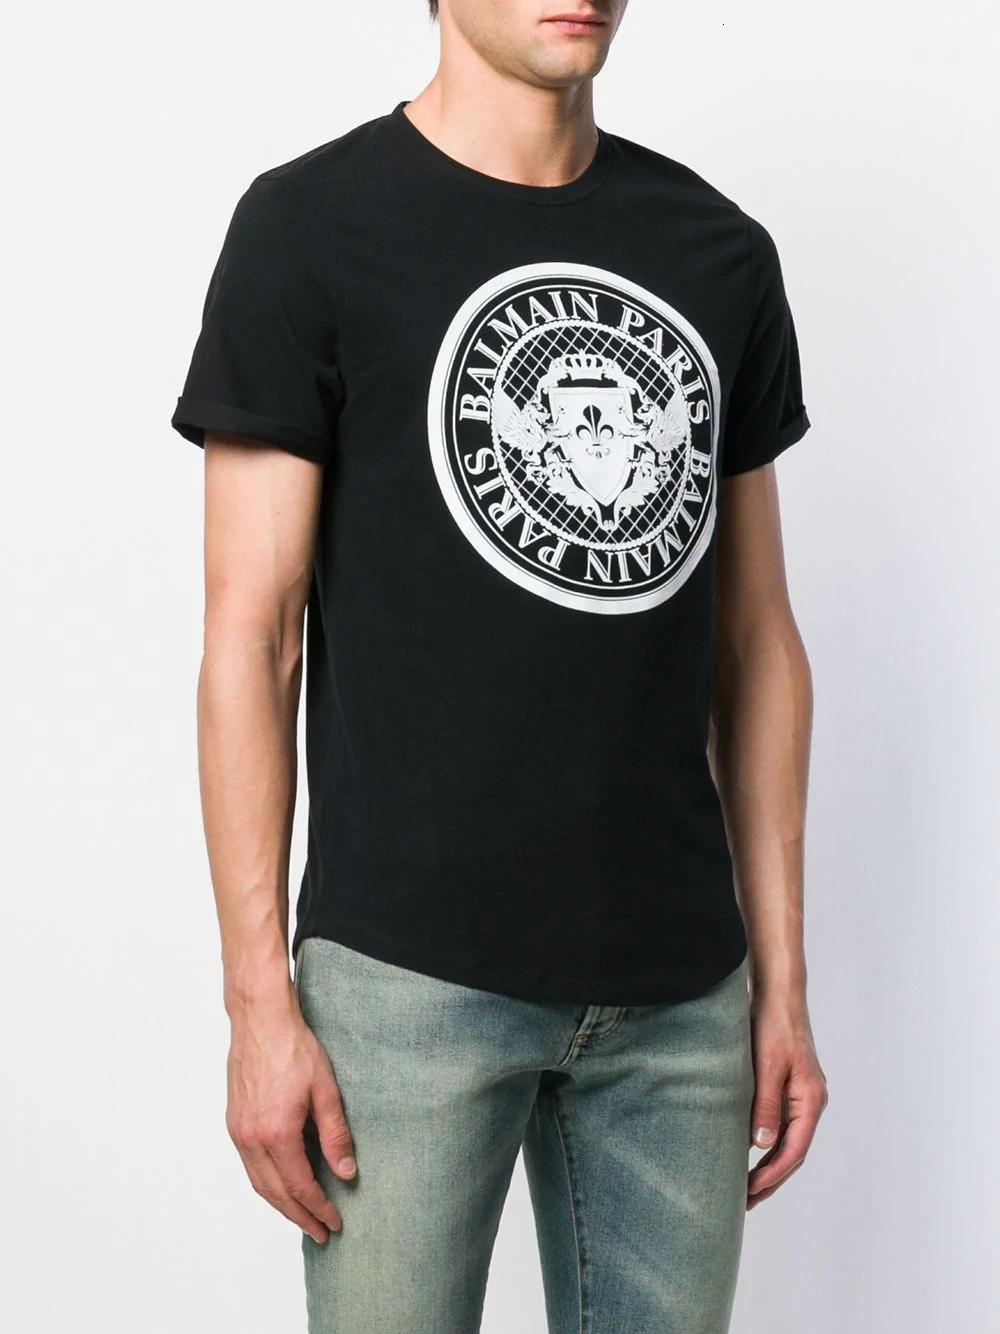 2020 Verão Novo Padrão manga curta T-shirt do homem superior da roupa coreana versão Slim roupa masculina 11283 grande